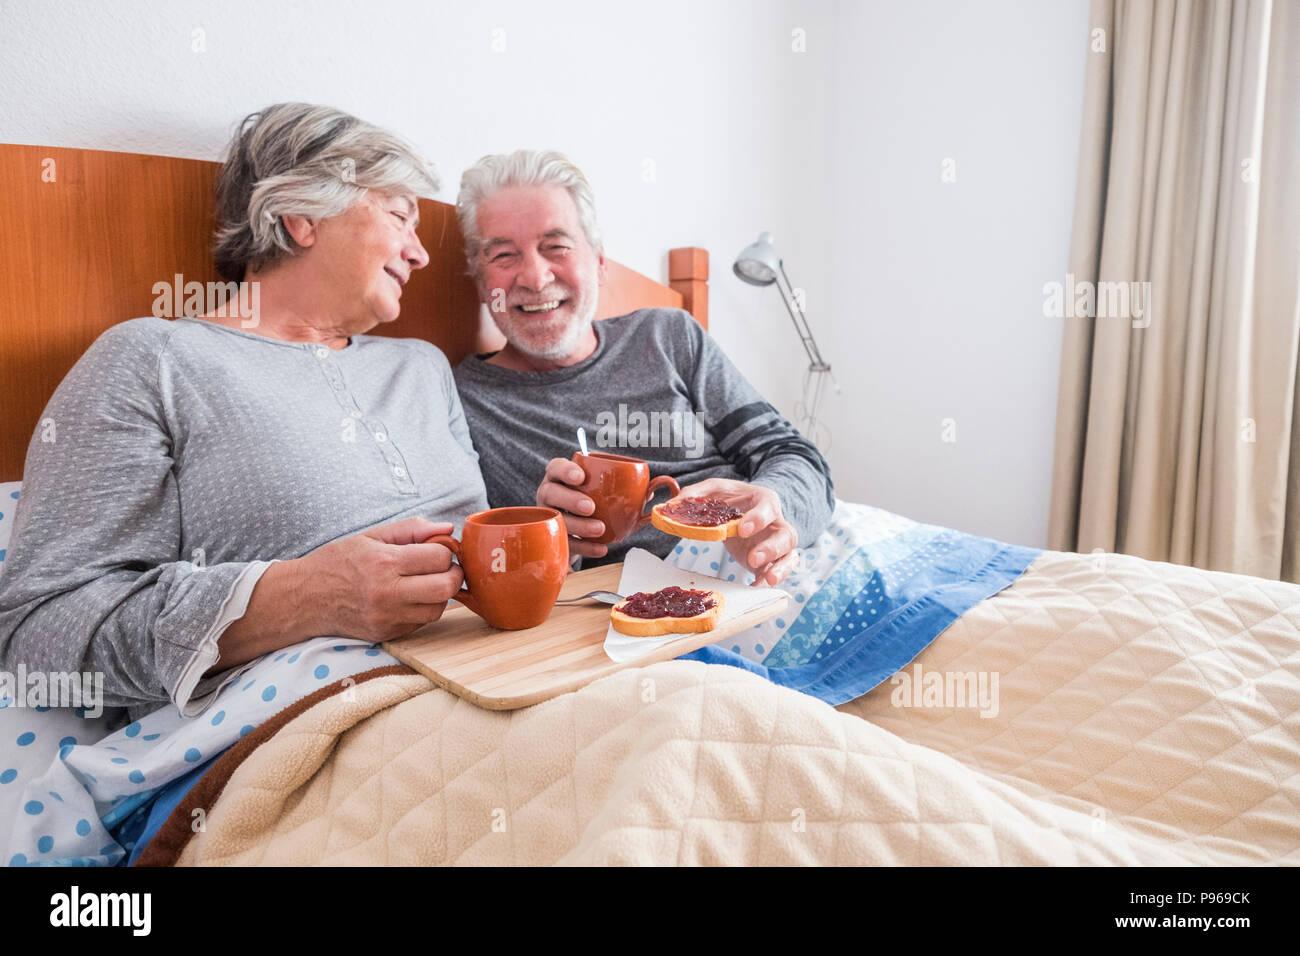 Nizza caucasica senior di età matura godendo e ridere insieme di svegliarvi al mattino presto. toast e marmellata e caffè. stare insieme e fo Immagini Stock